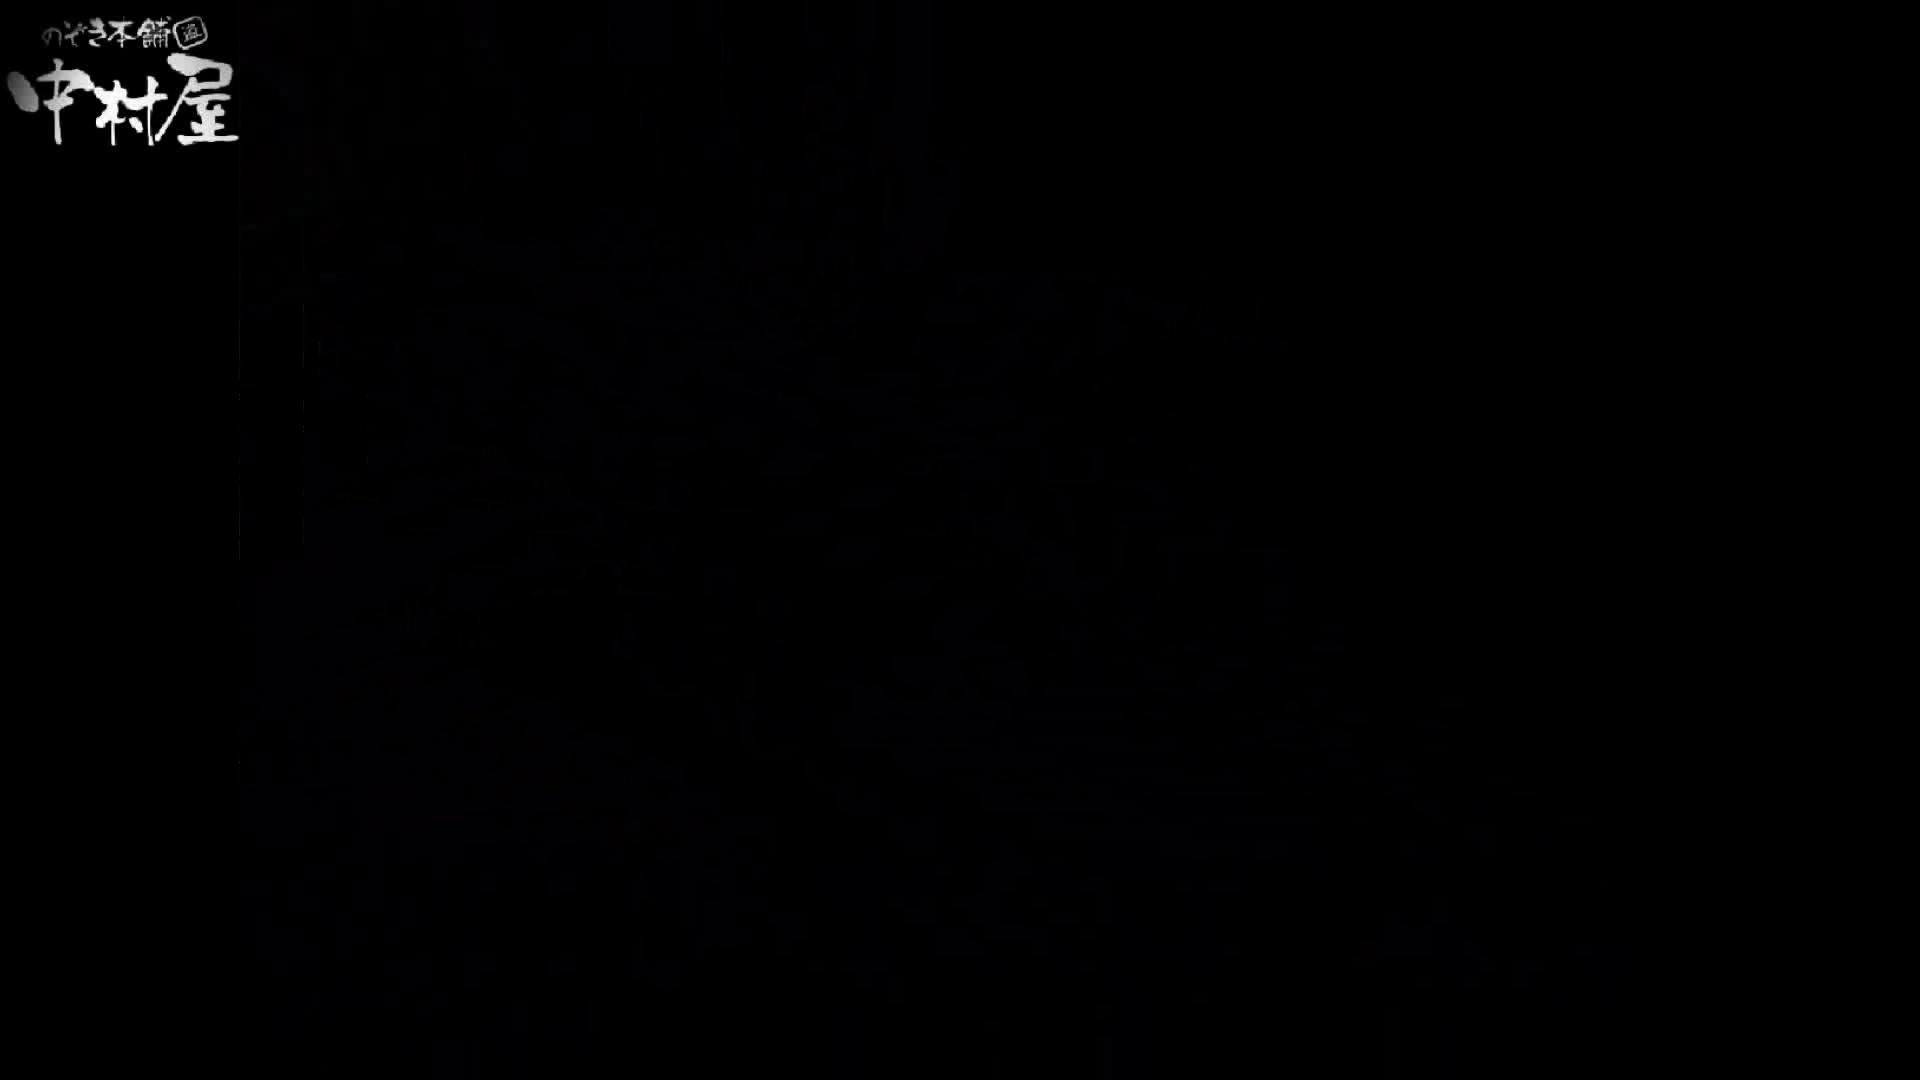 民家風呂専門盗撮師の超危険映像 vol.022 美少女ヌード   民家  63pic 16